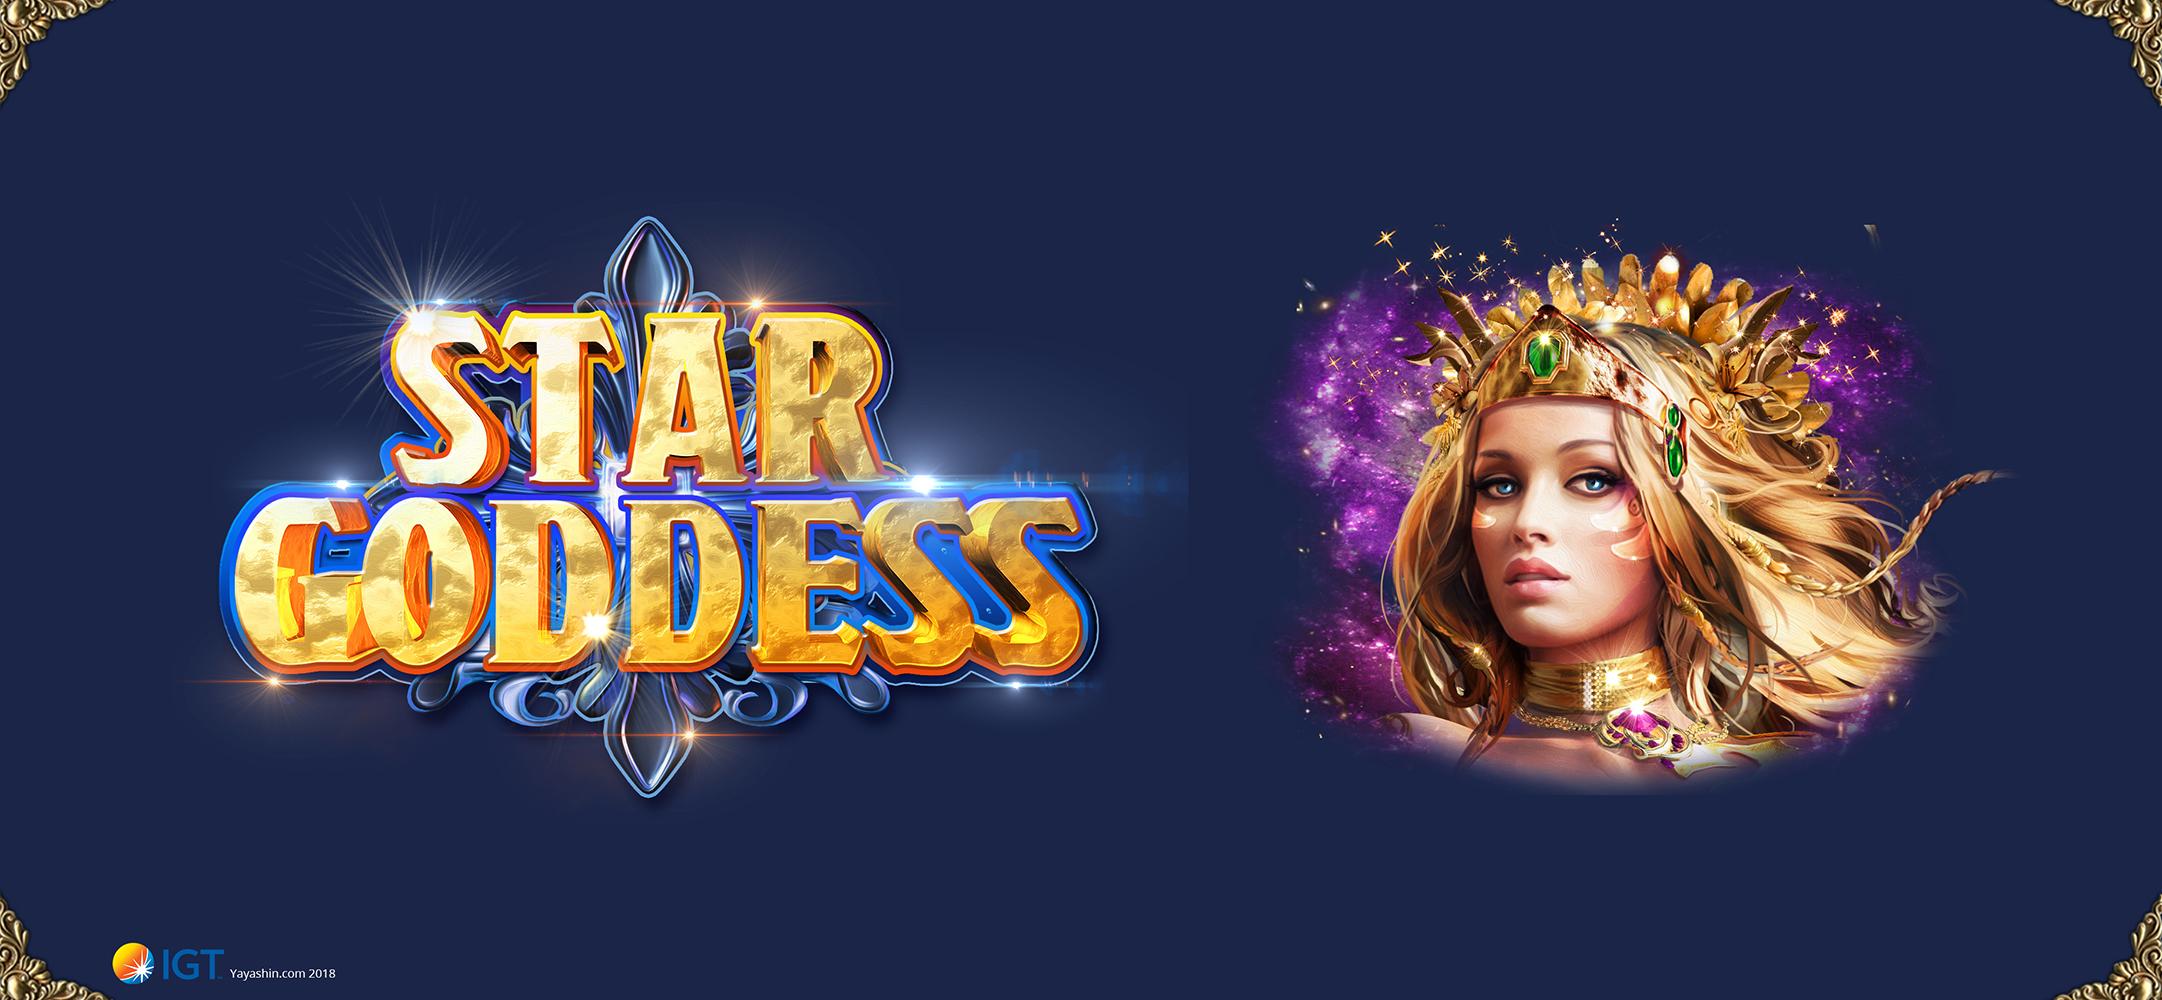 star-goddess-IGT-casino-yayashin_asset01